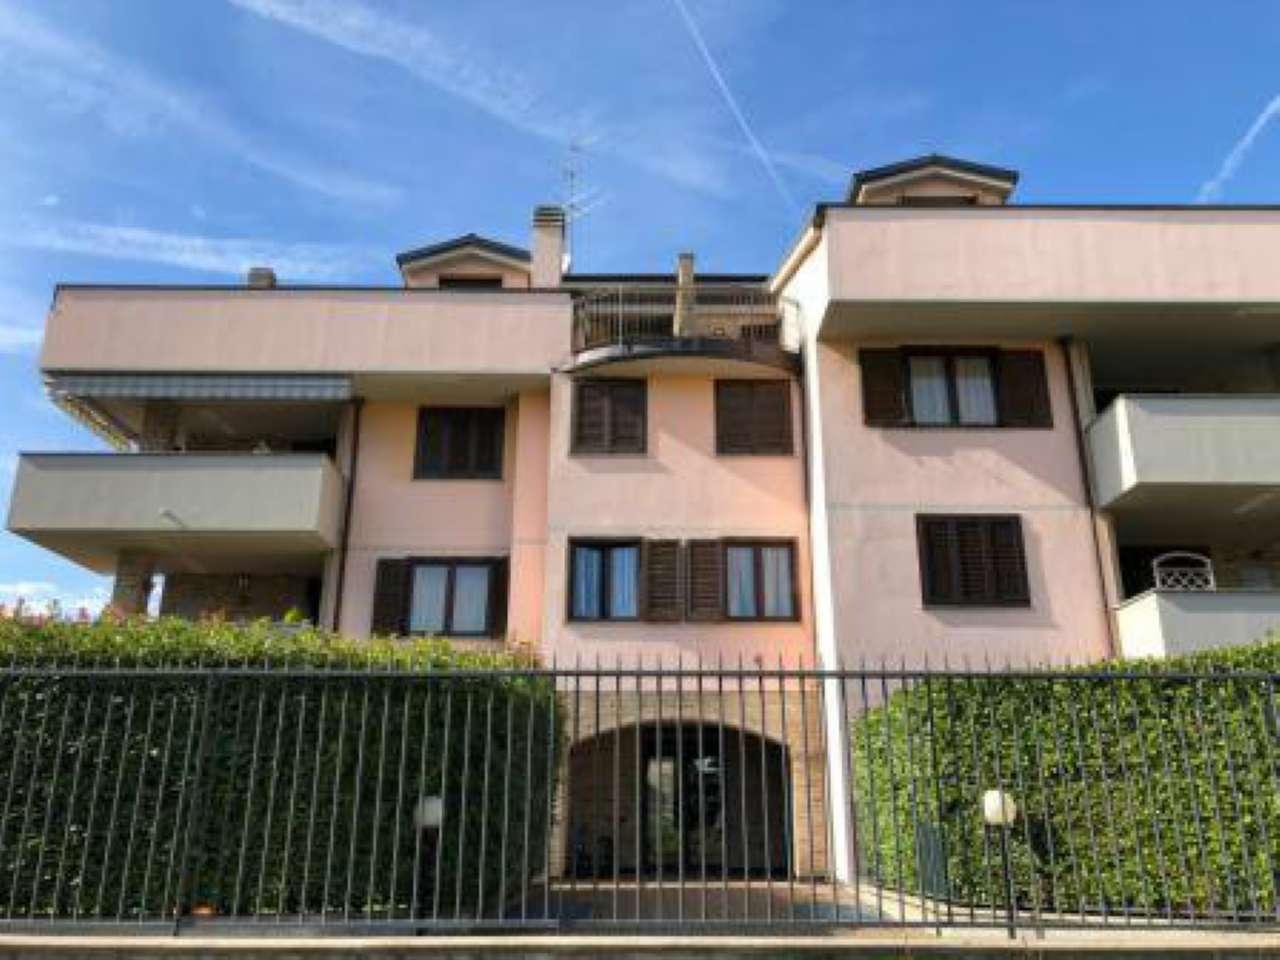 Appartamento in vendita a Gerenzano, 1 locali, prezzo € 65.000 | CambioCasa.it